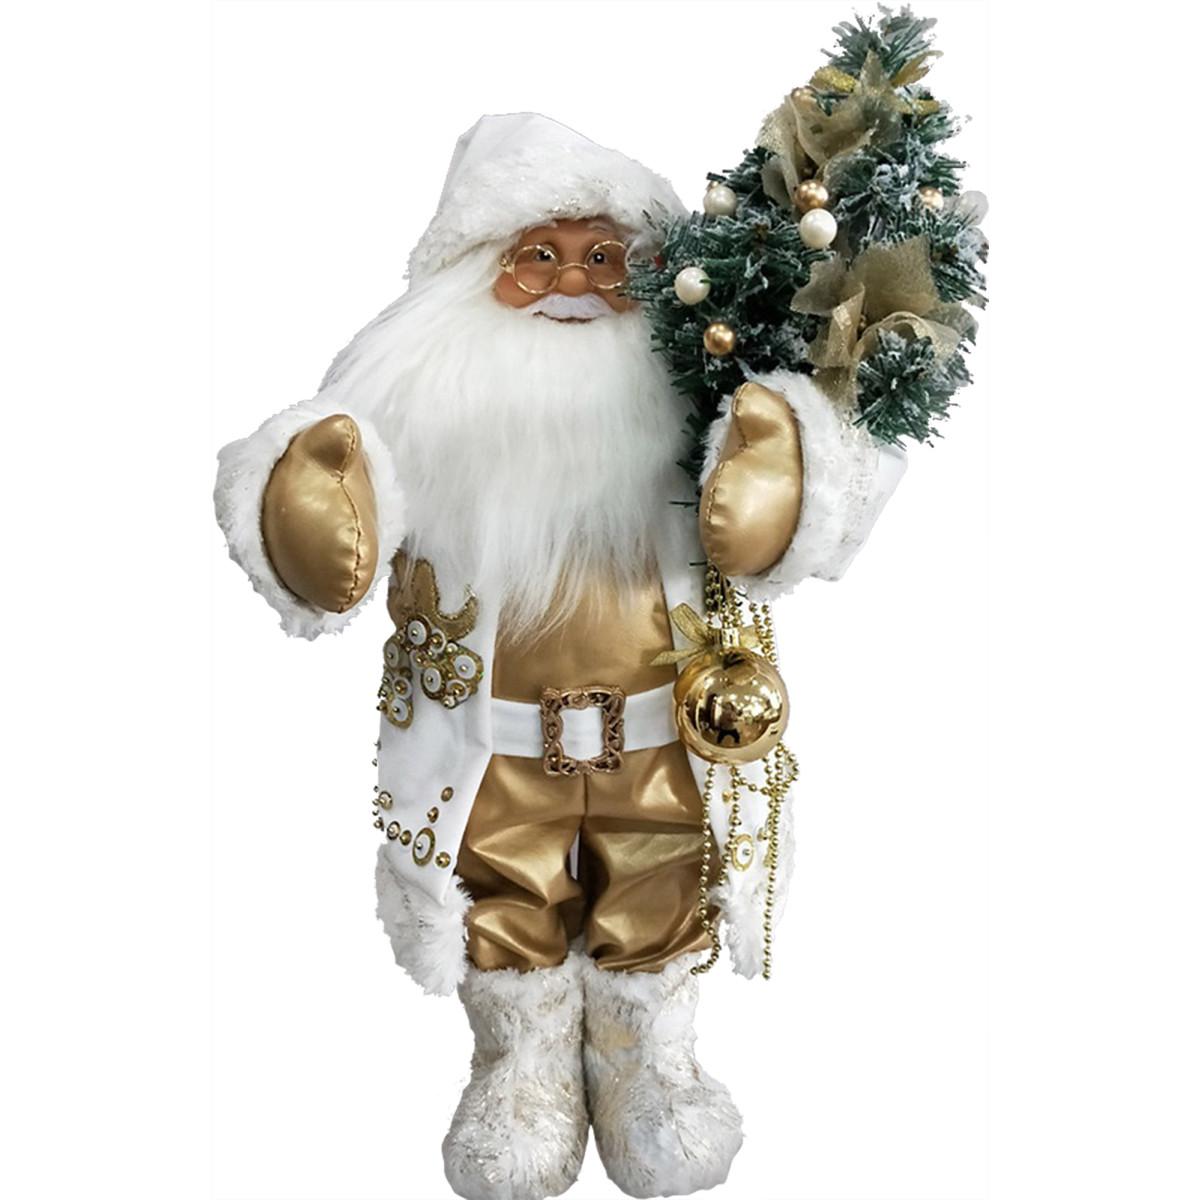 Мягкая Игрушка Дед Мороз С Елкой 46